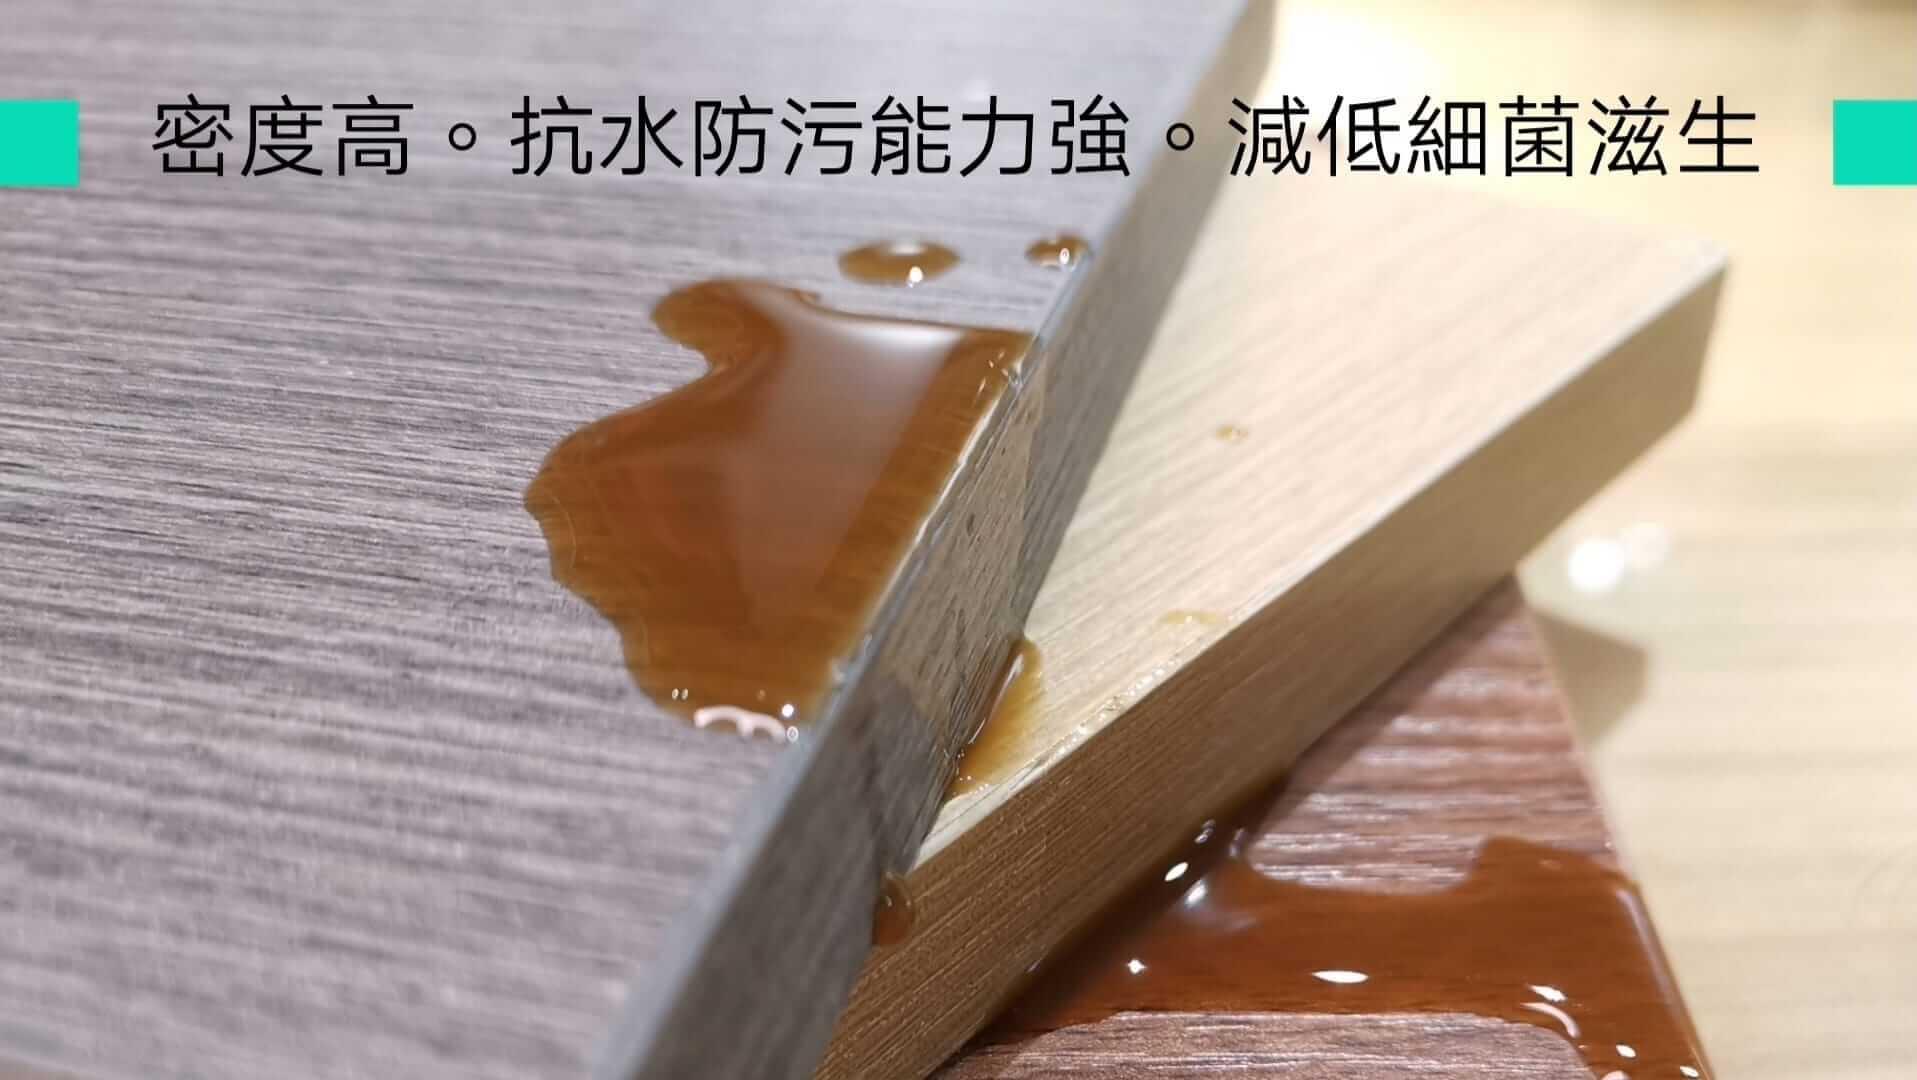 抗磨防污板材